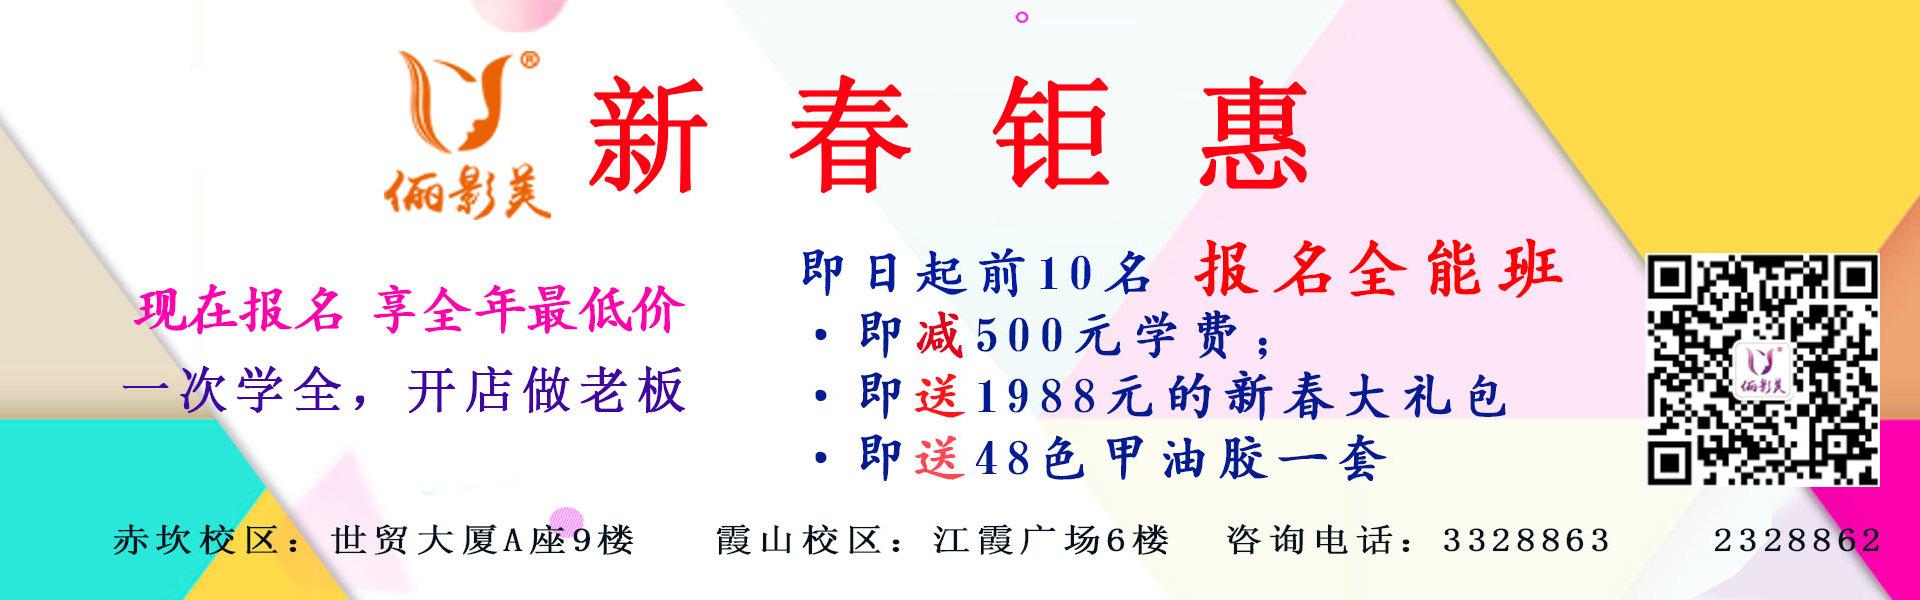 湛江俪影化妆美容培训学校